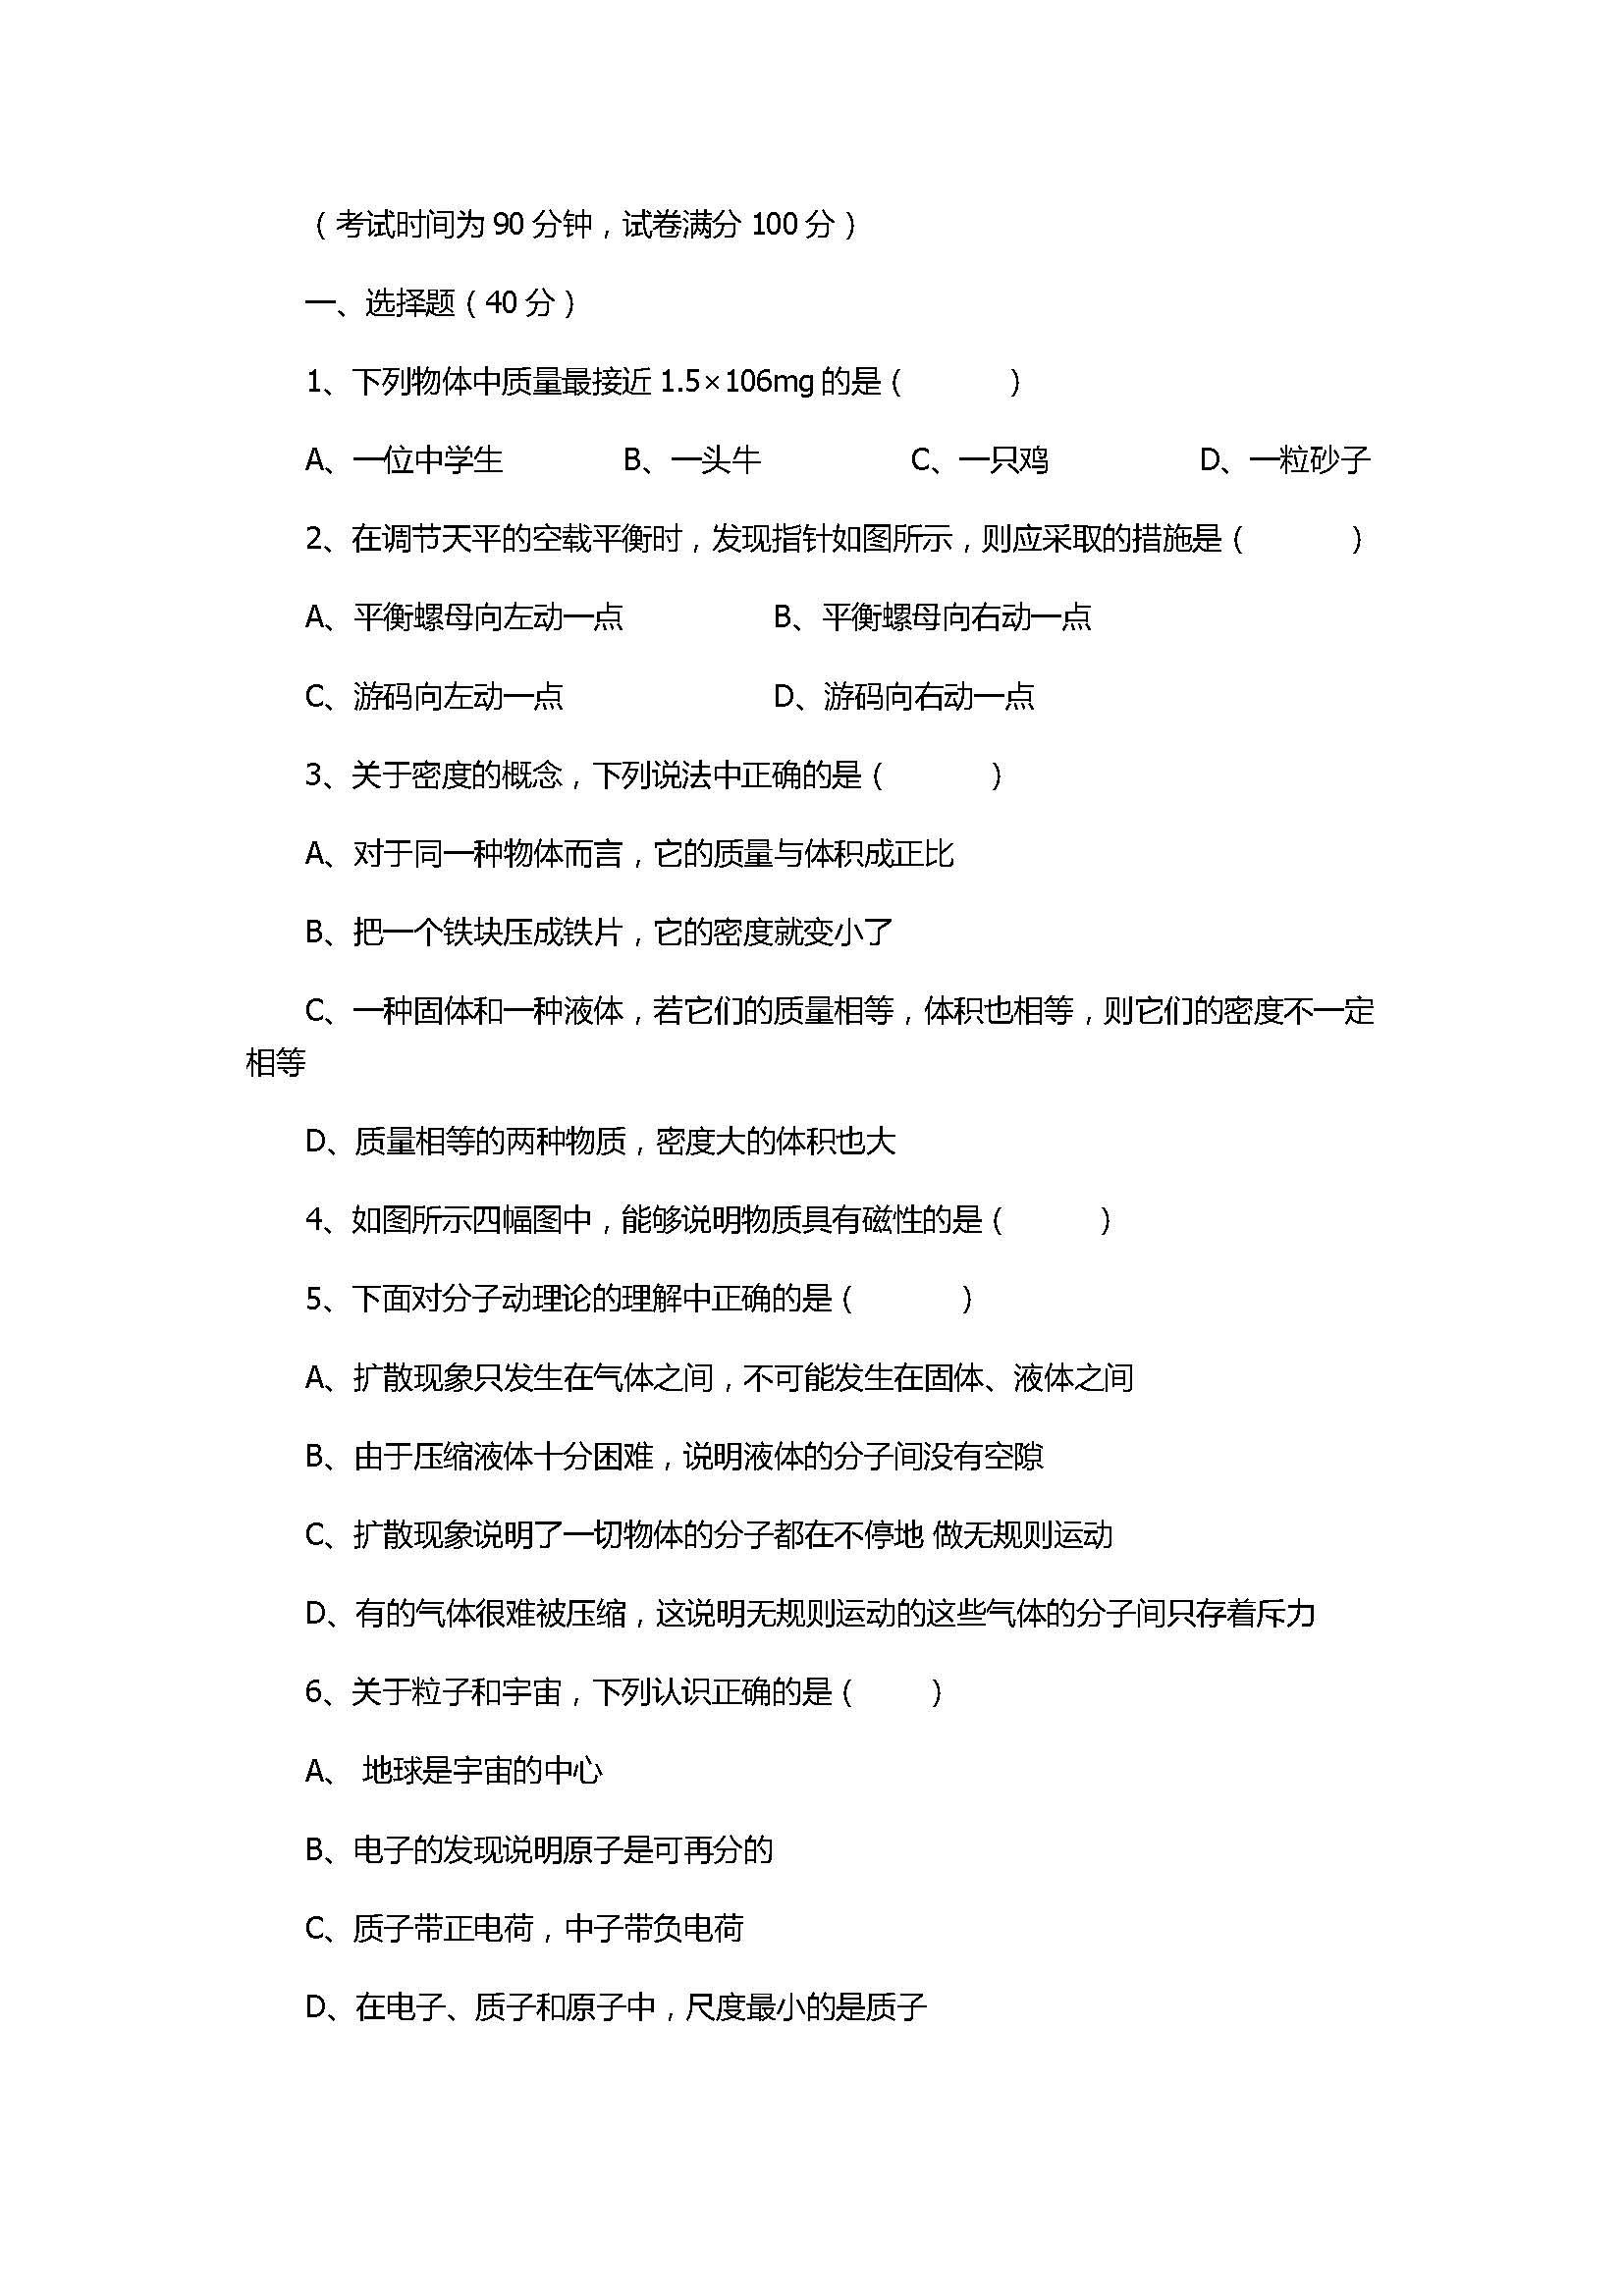 2017八年级物理下册期中考试试题含参考答案(射阳县)